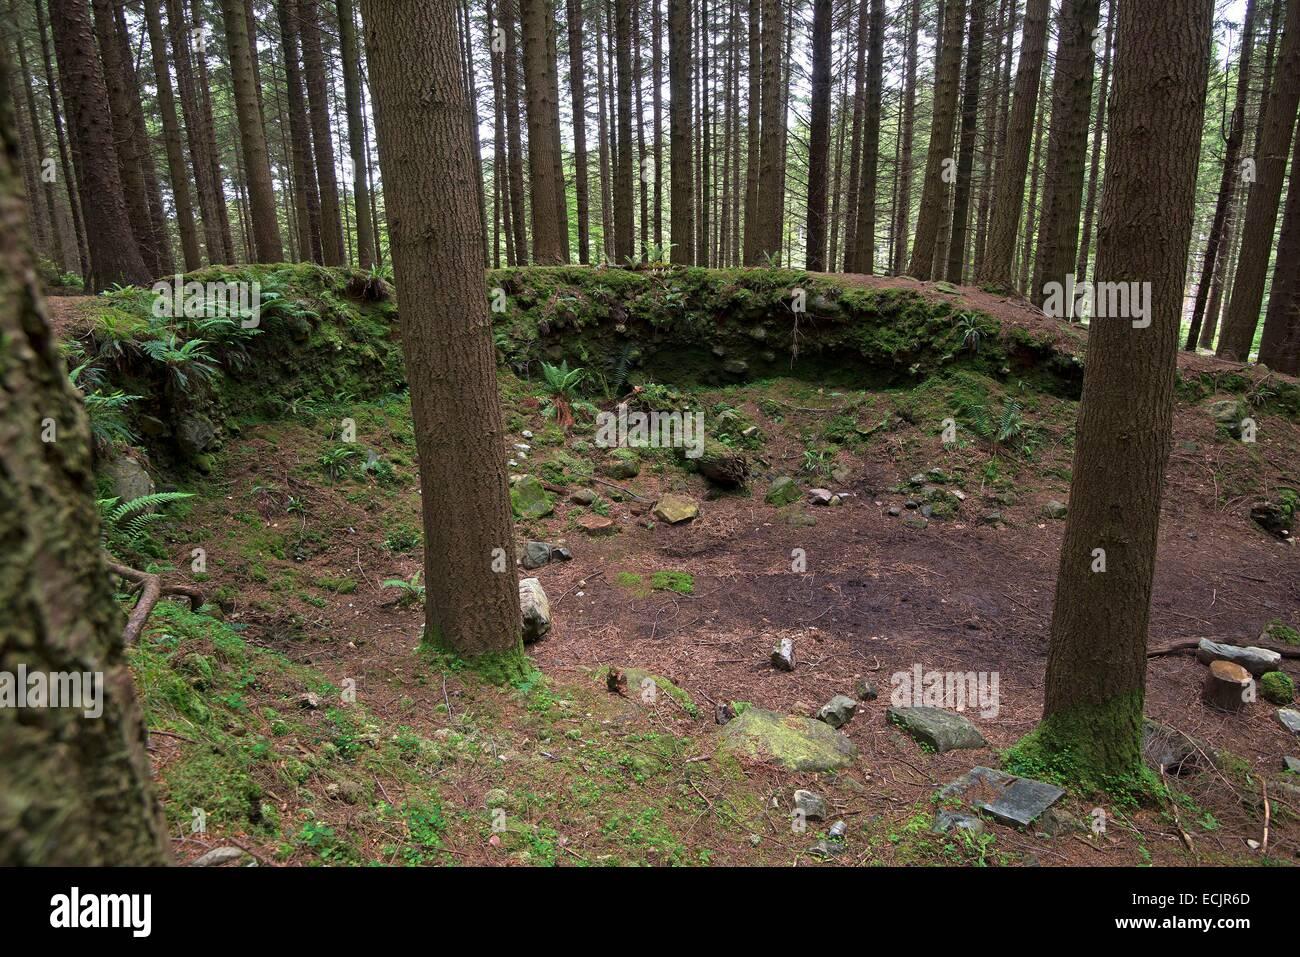 Reino Unido, Irlanda del Norte, en el Condado de Down, Bryansford, el frondoso y vibrante Tollymore Park es donde Theon está acechado por Ramsay nieve, y ha sido utilizado para describir las tierras cubiertas de nieve entre Invernalia y el muro Foto de stock